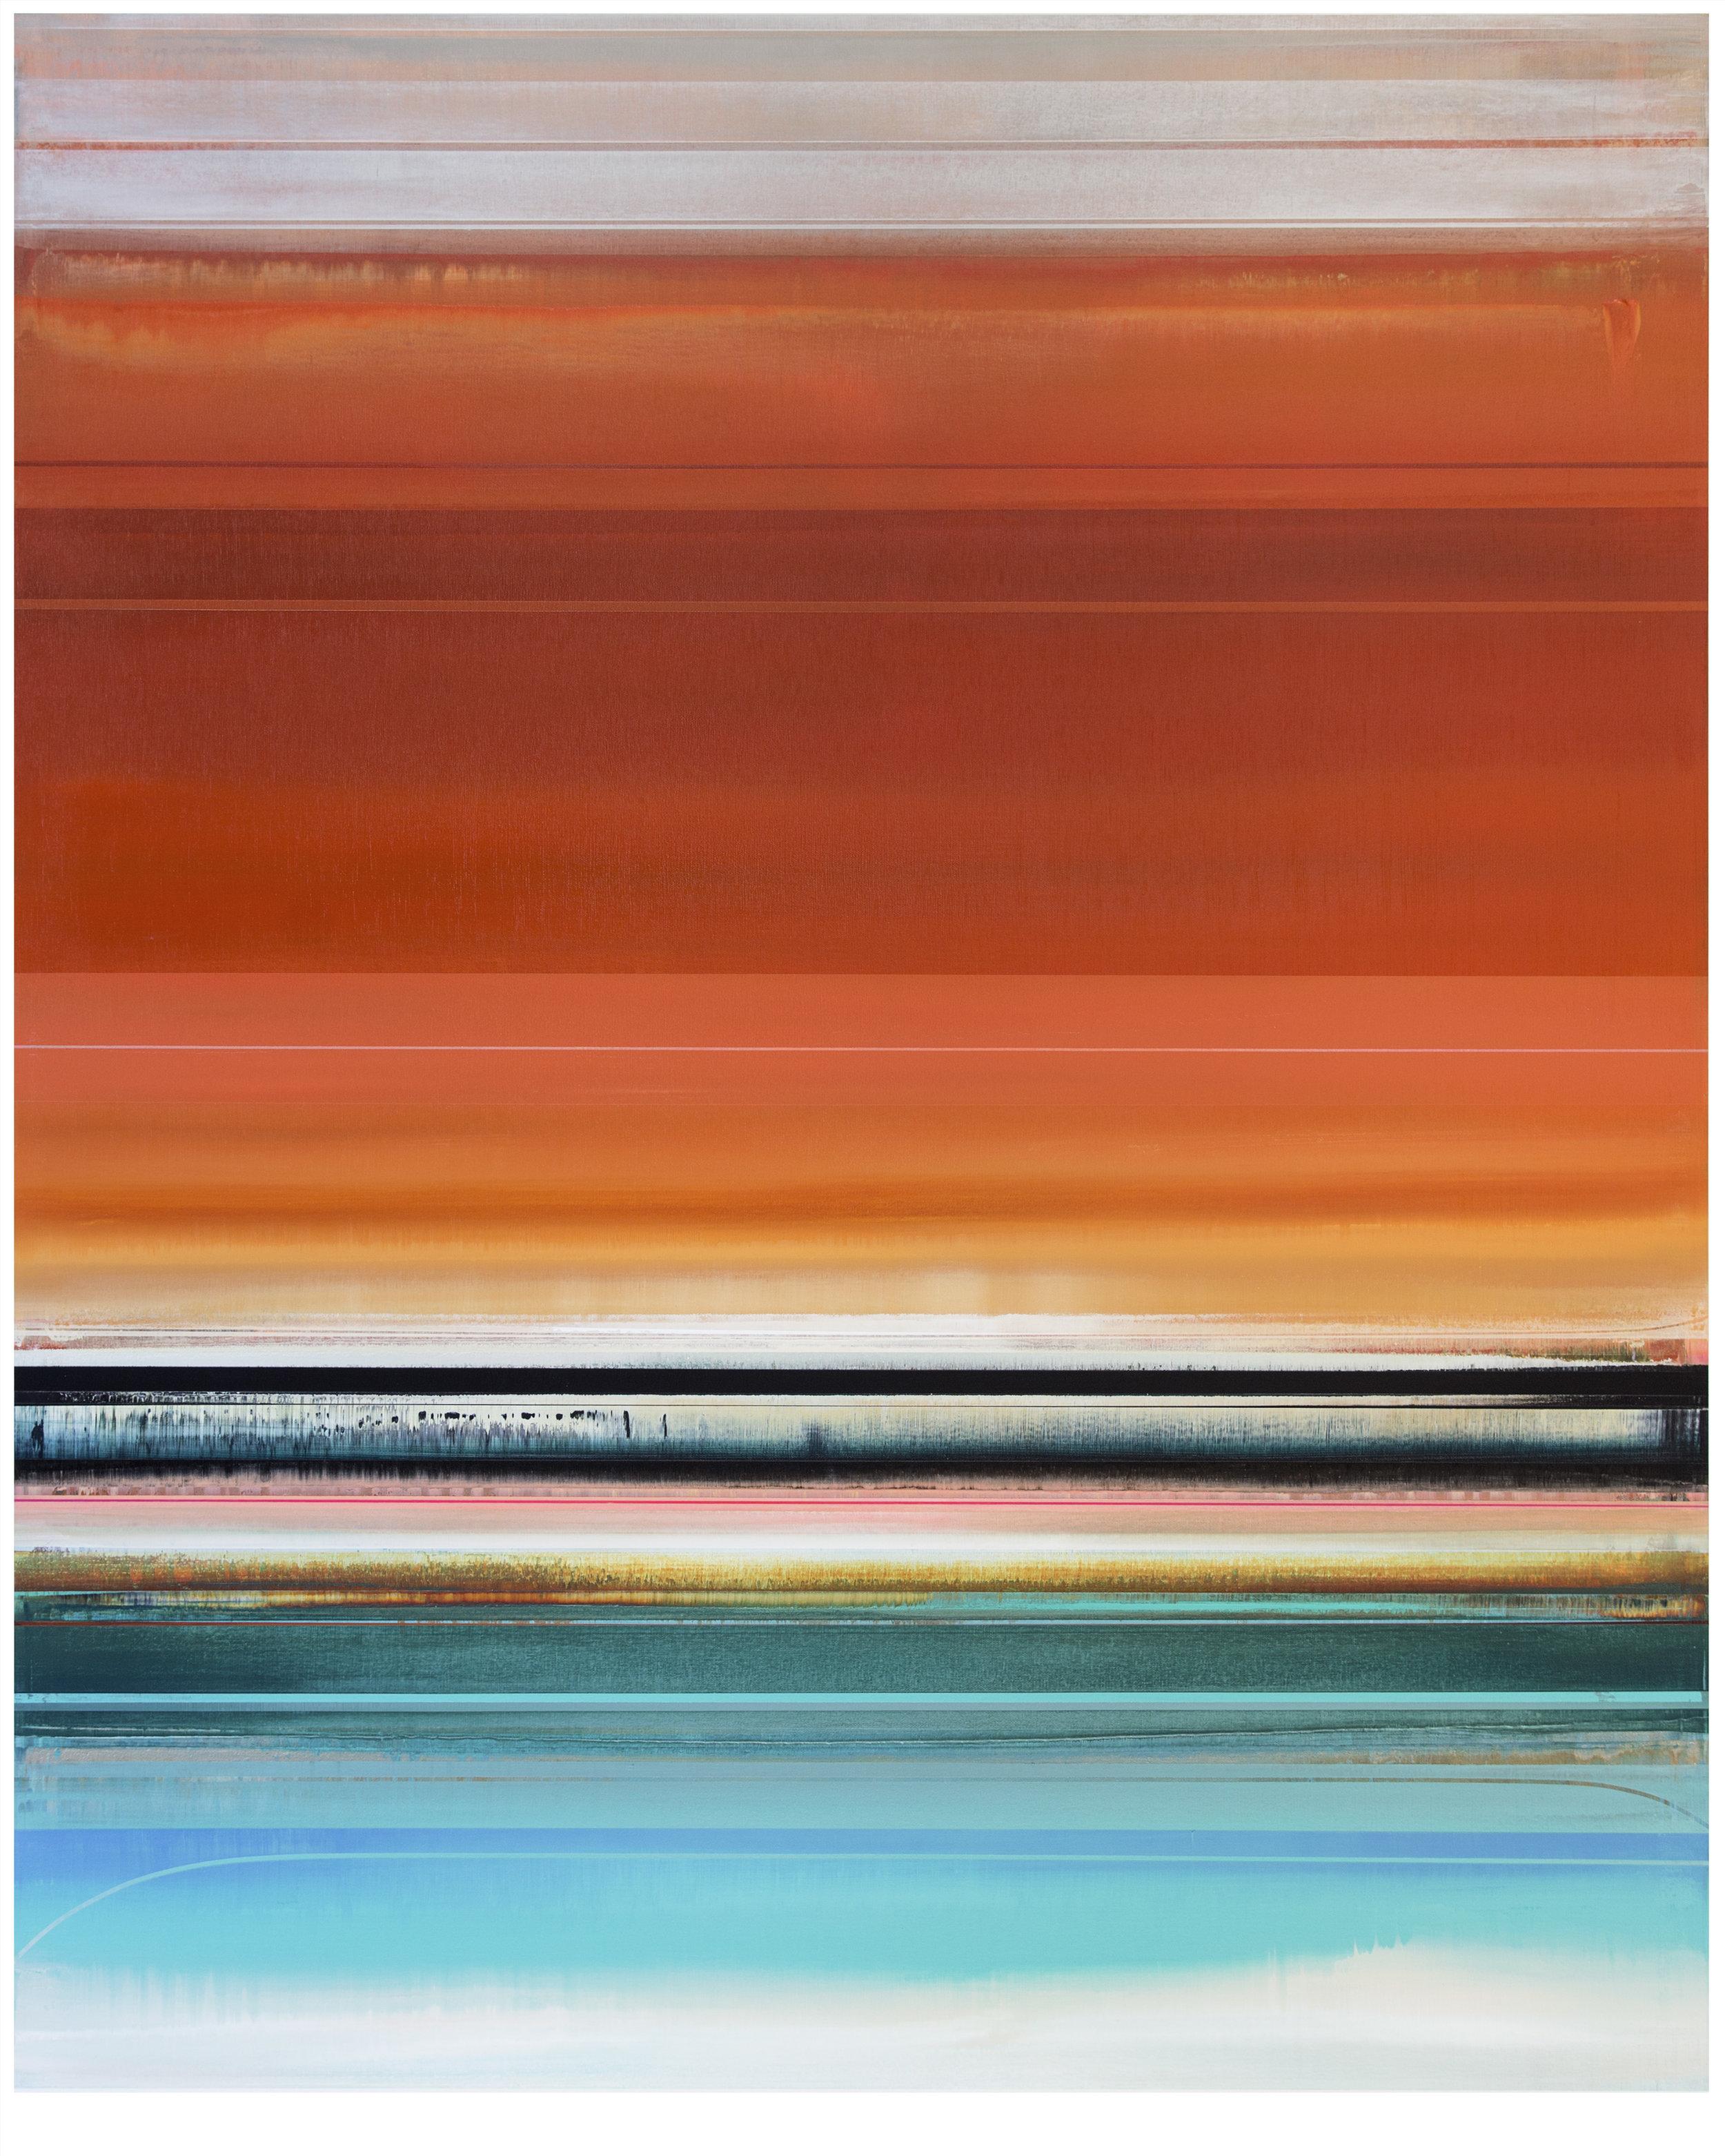 Micah Crandall-Bear, b.1980 (USA)  Title: Ventria  Dimension: 156.56 x 122.08 cm  Year: 2017